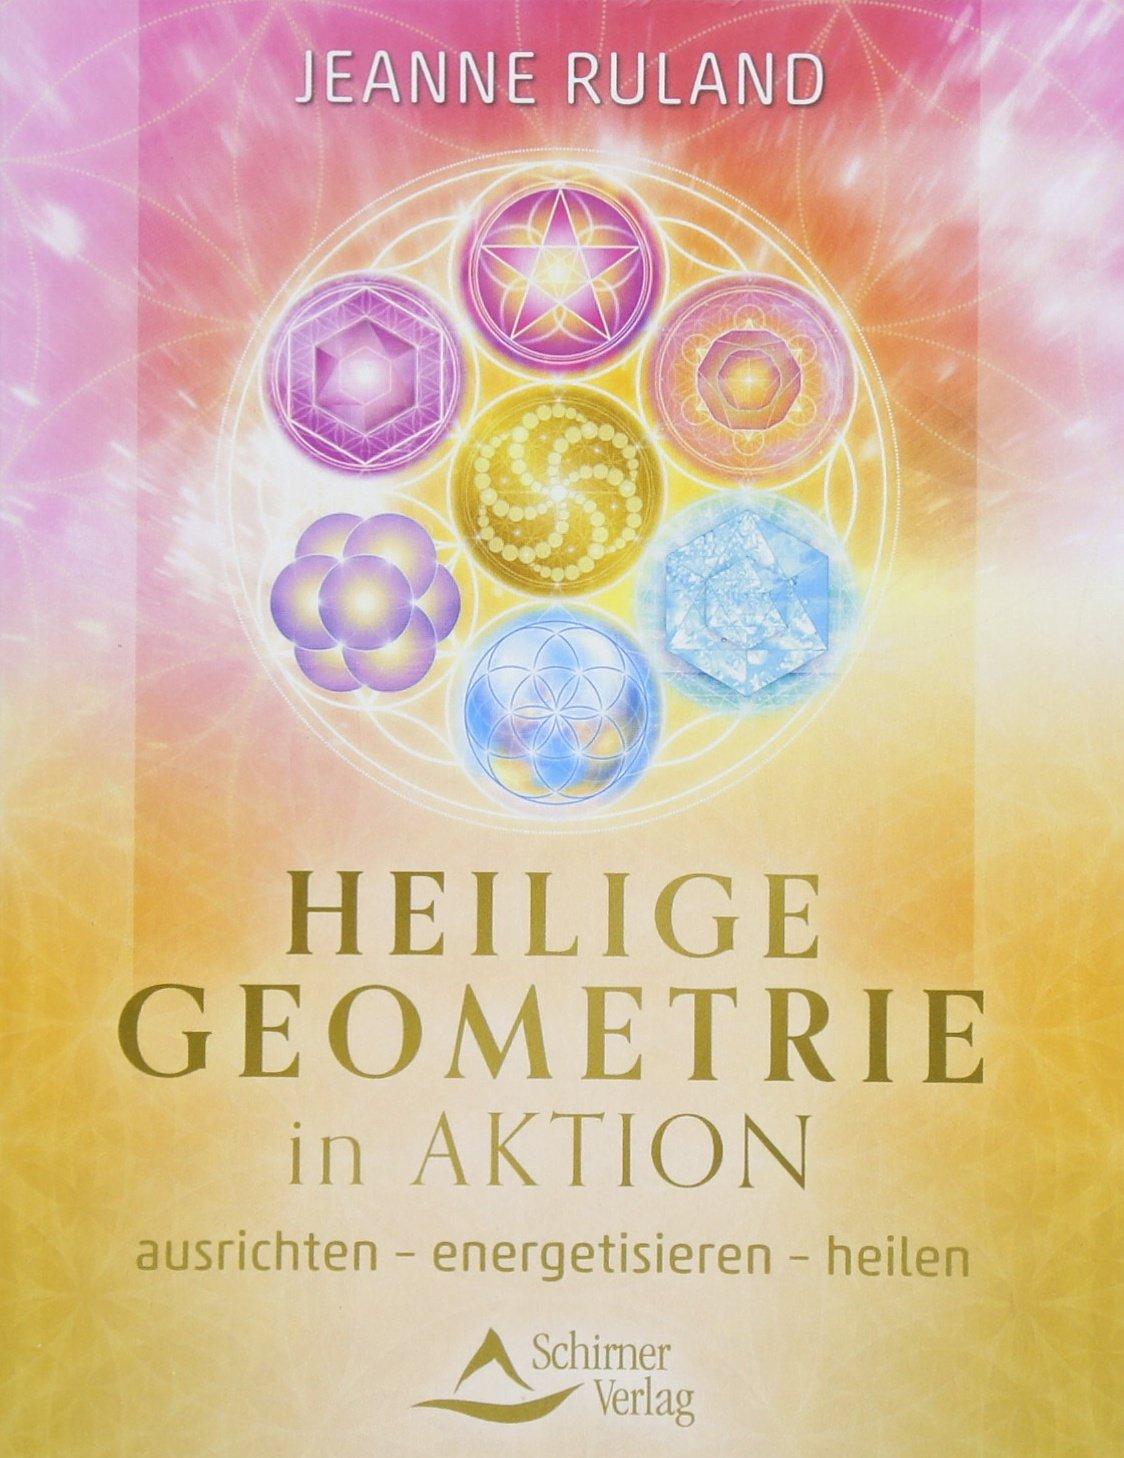 Heilige Geometrie in Aktion: ausrichten – energetisieren – heilen Taschenbuch – 17. Mai 2018 Jeanne Ruland Schirner Verlag 3843413401 Esoterik